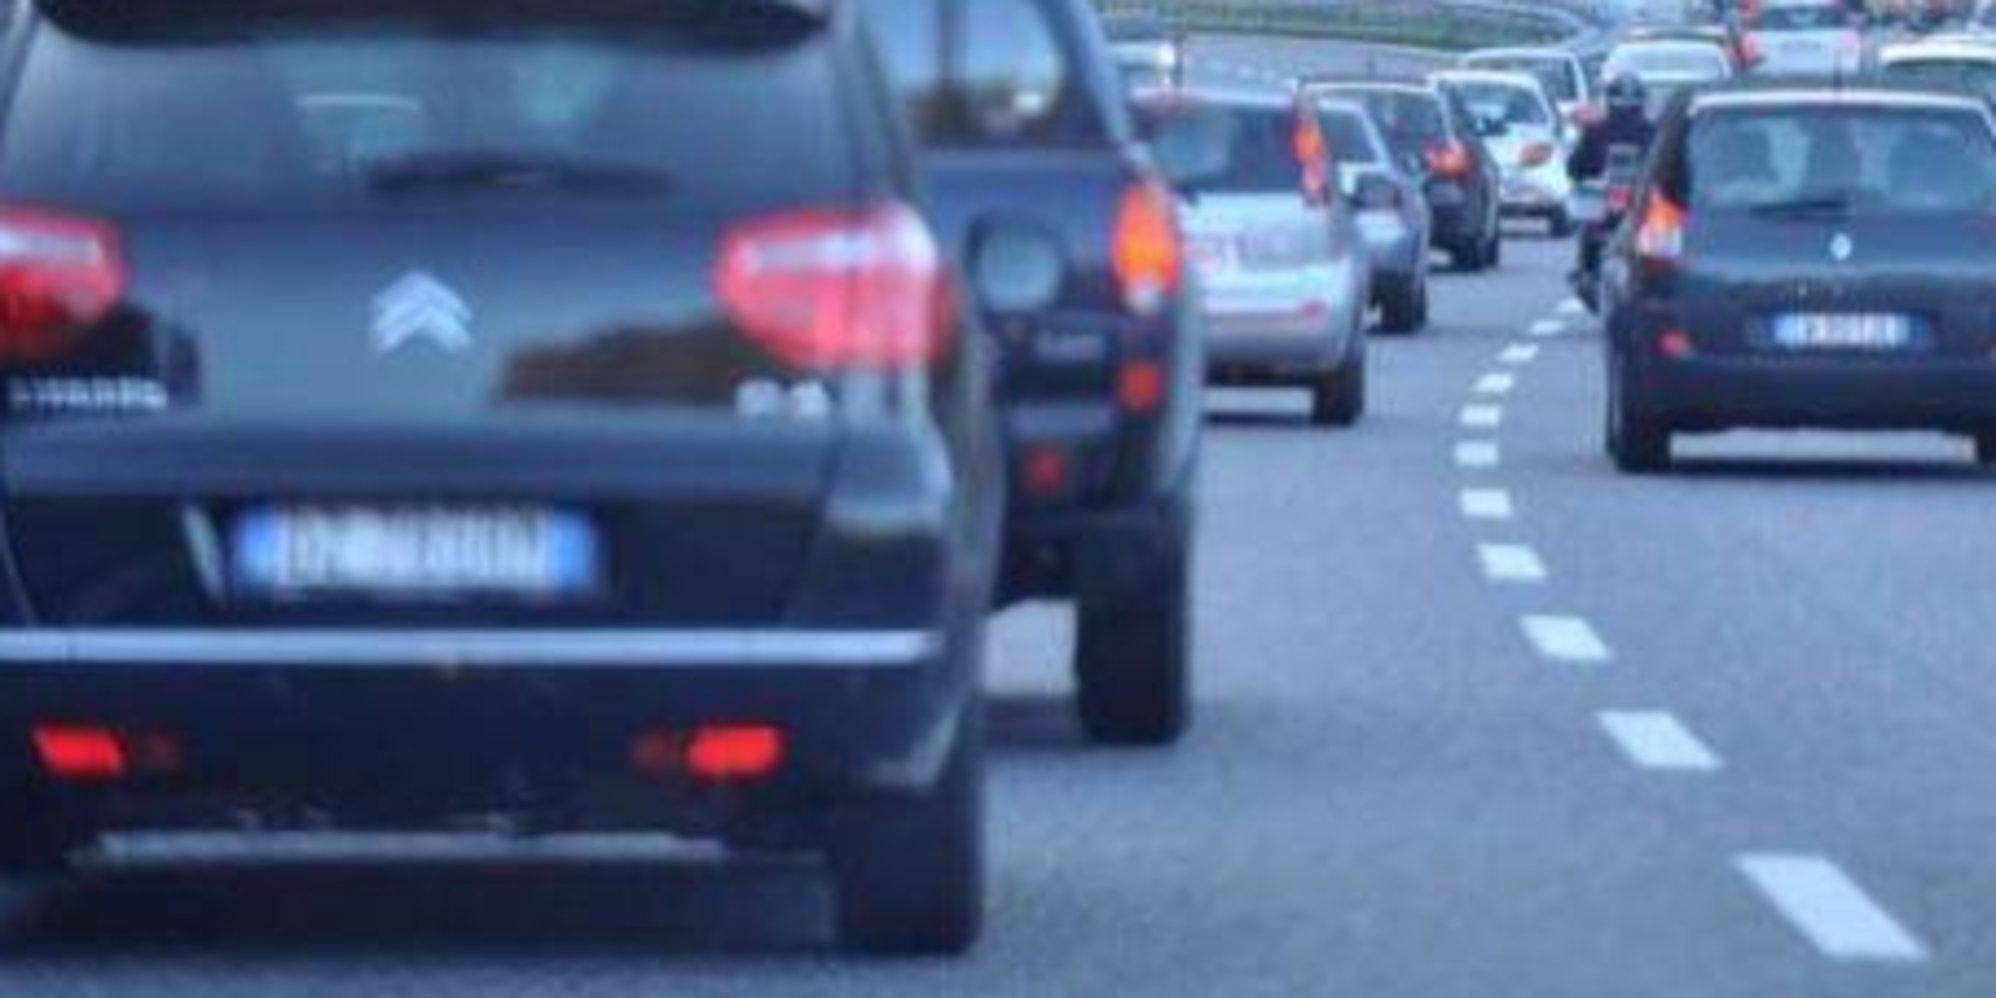 Smog: rinviato al 2021 il divieto di circolazione per gli Euro4 in Lombardia, Emilia Romagna, Piemonte e Veneto